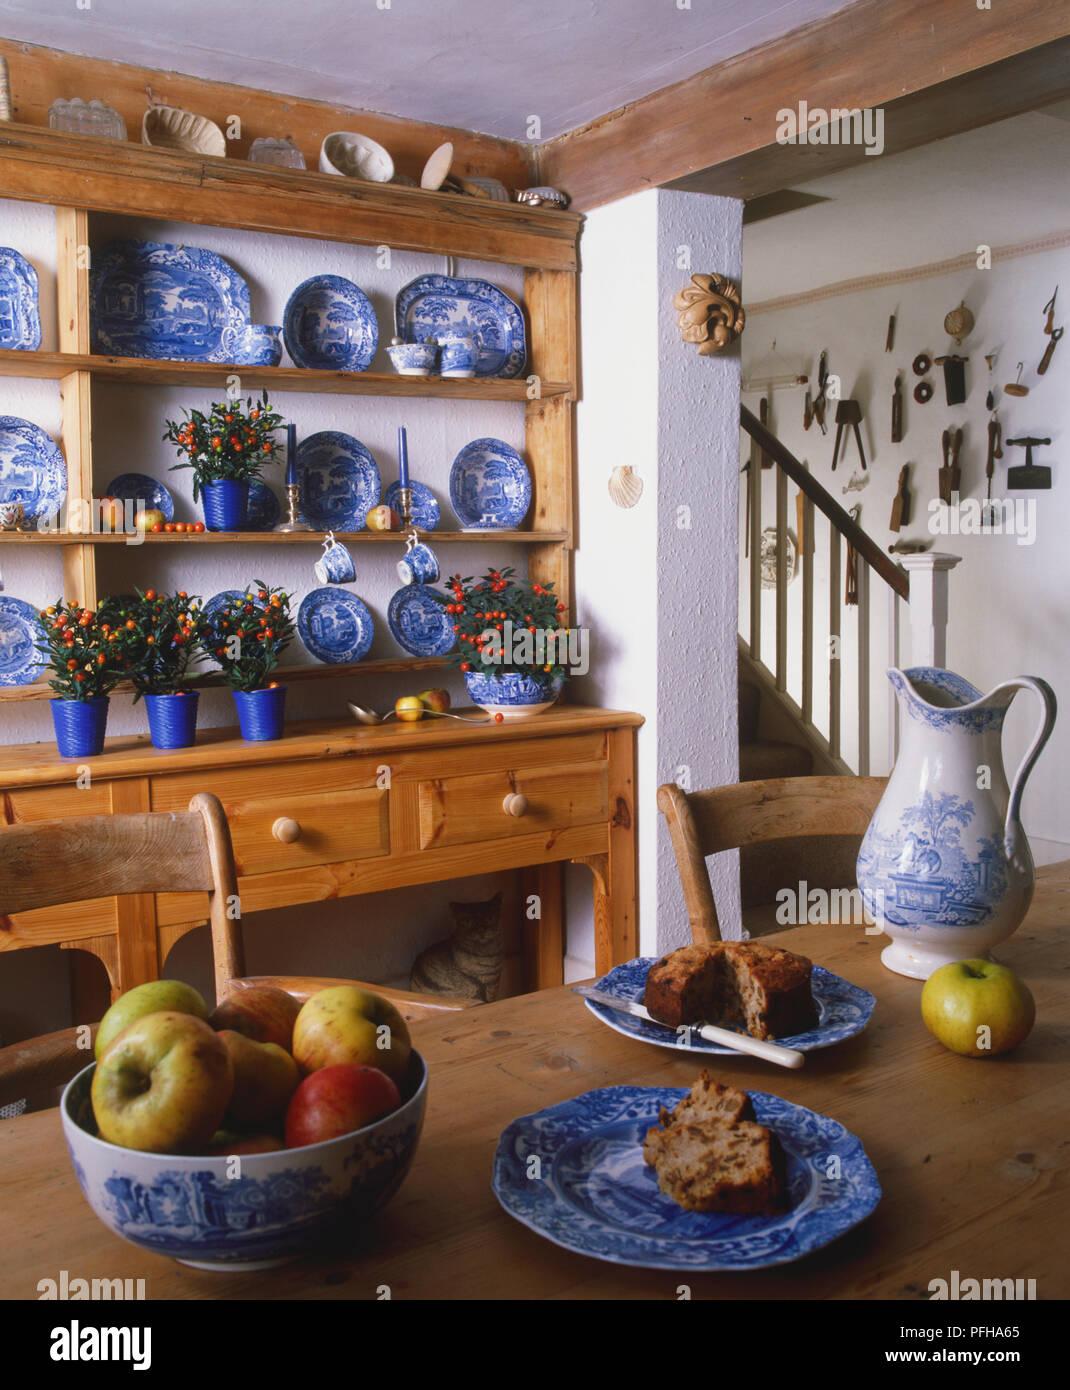 Decoration Bleu Chine Vaisselle Sur L Affichage Dans Les Etageres